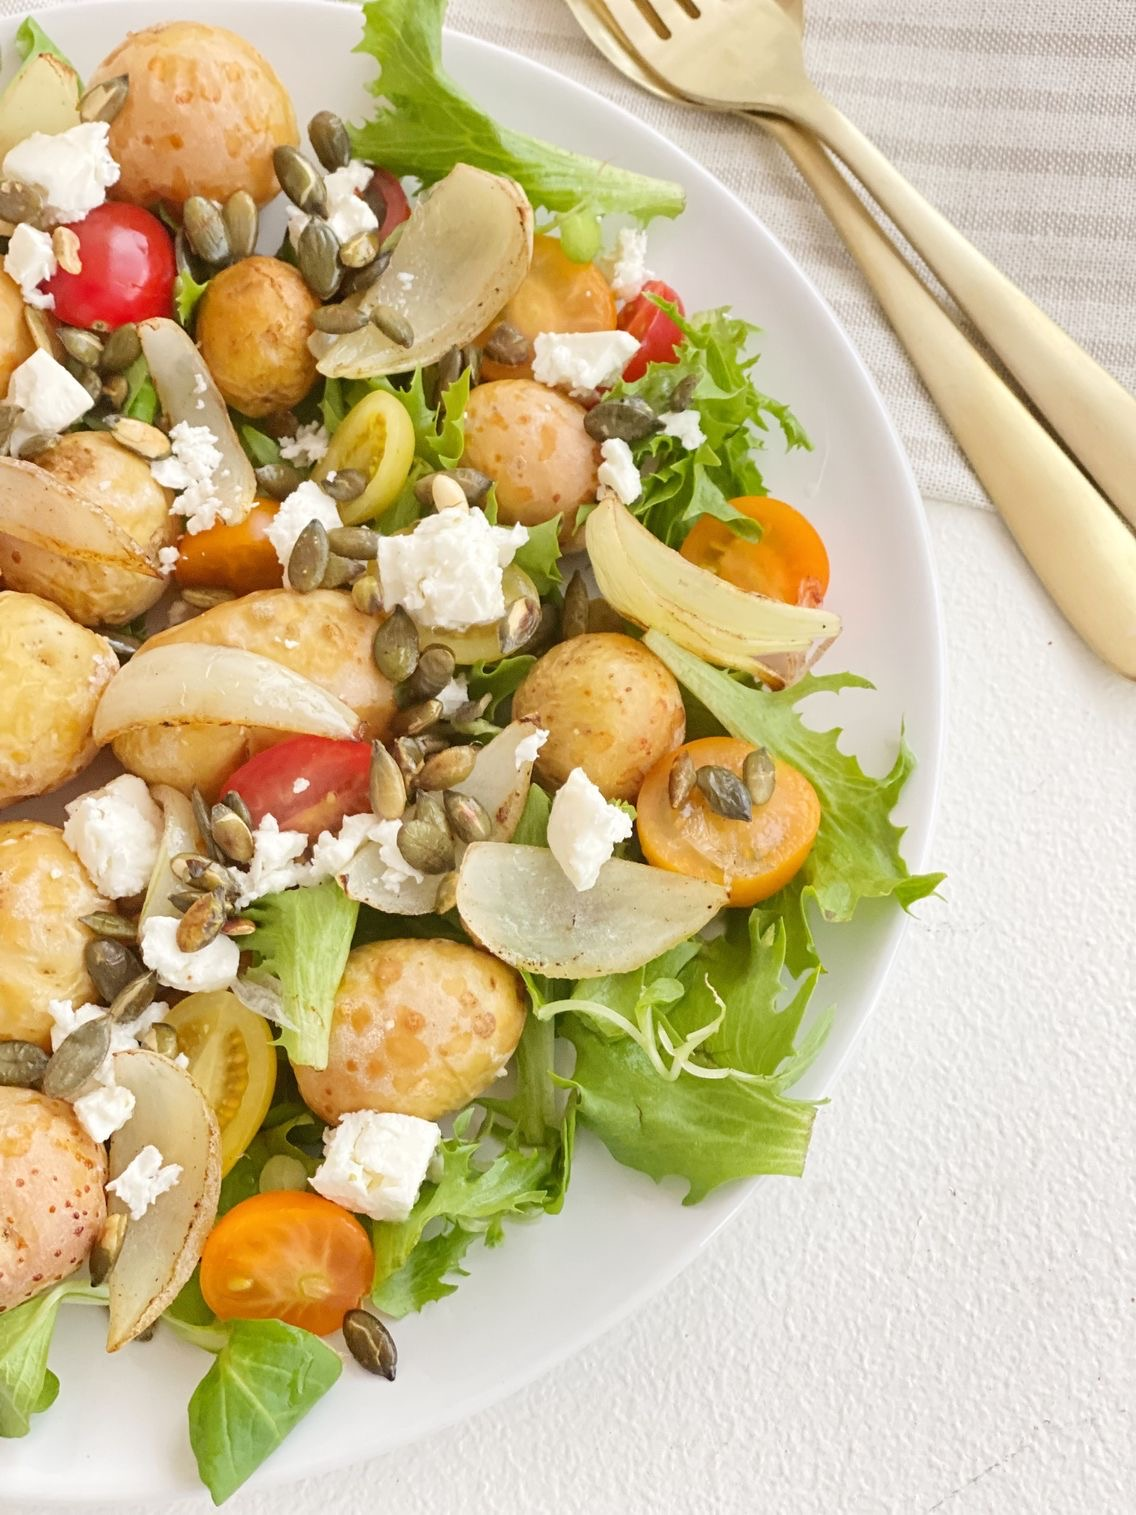 Stegte kartofler med salat set tæt på